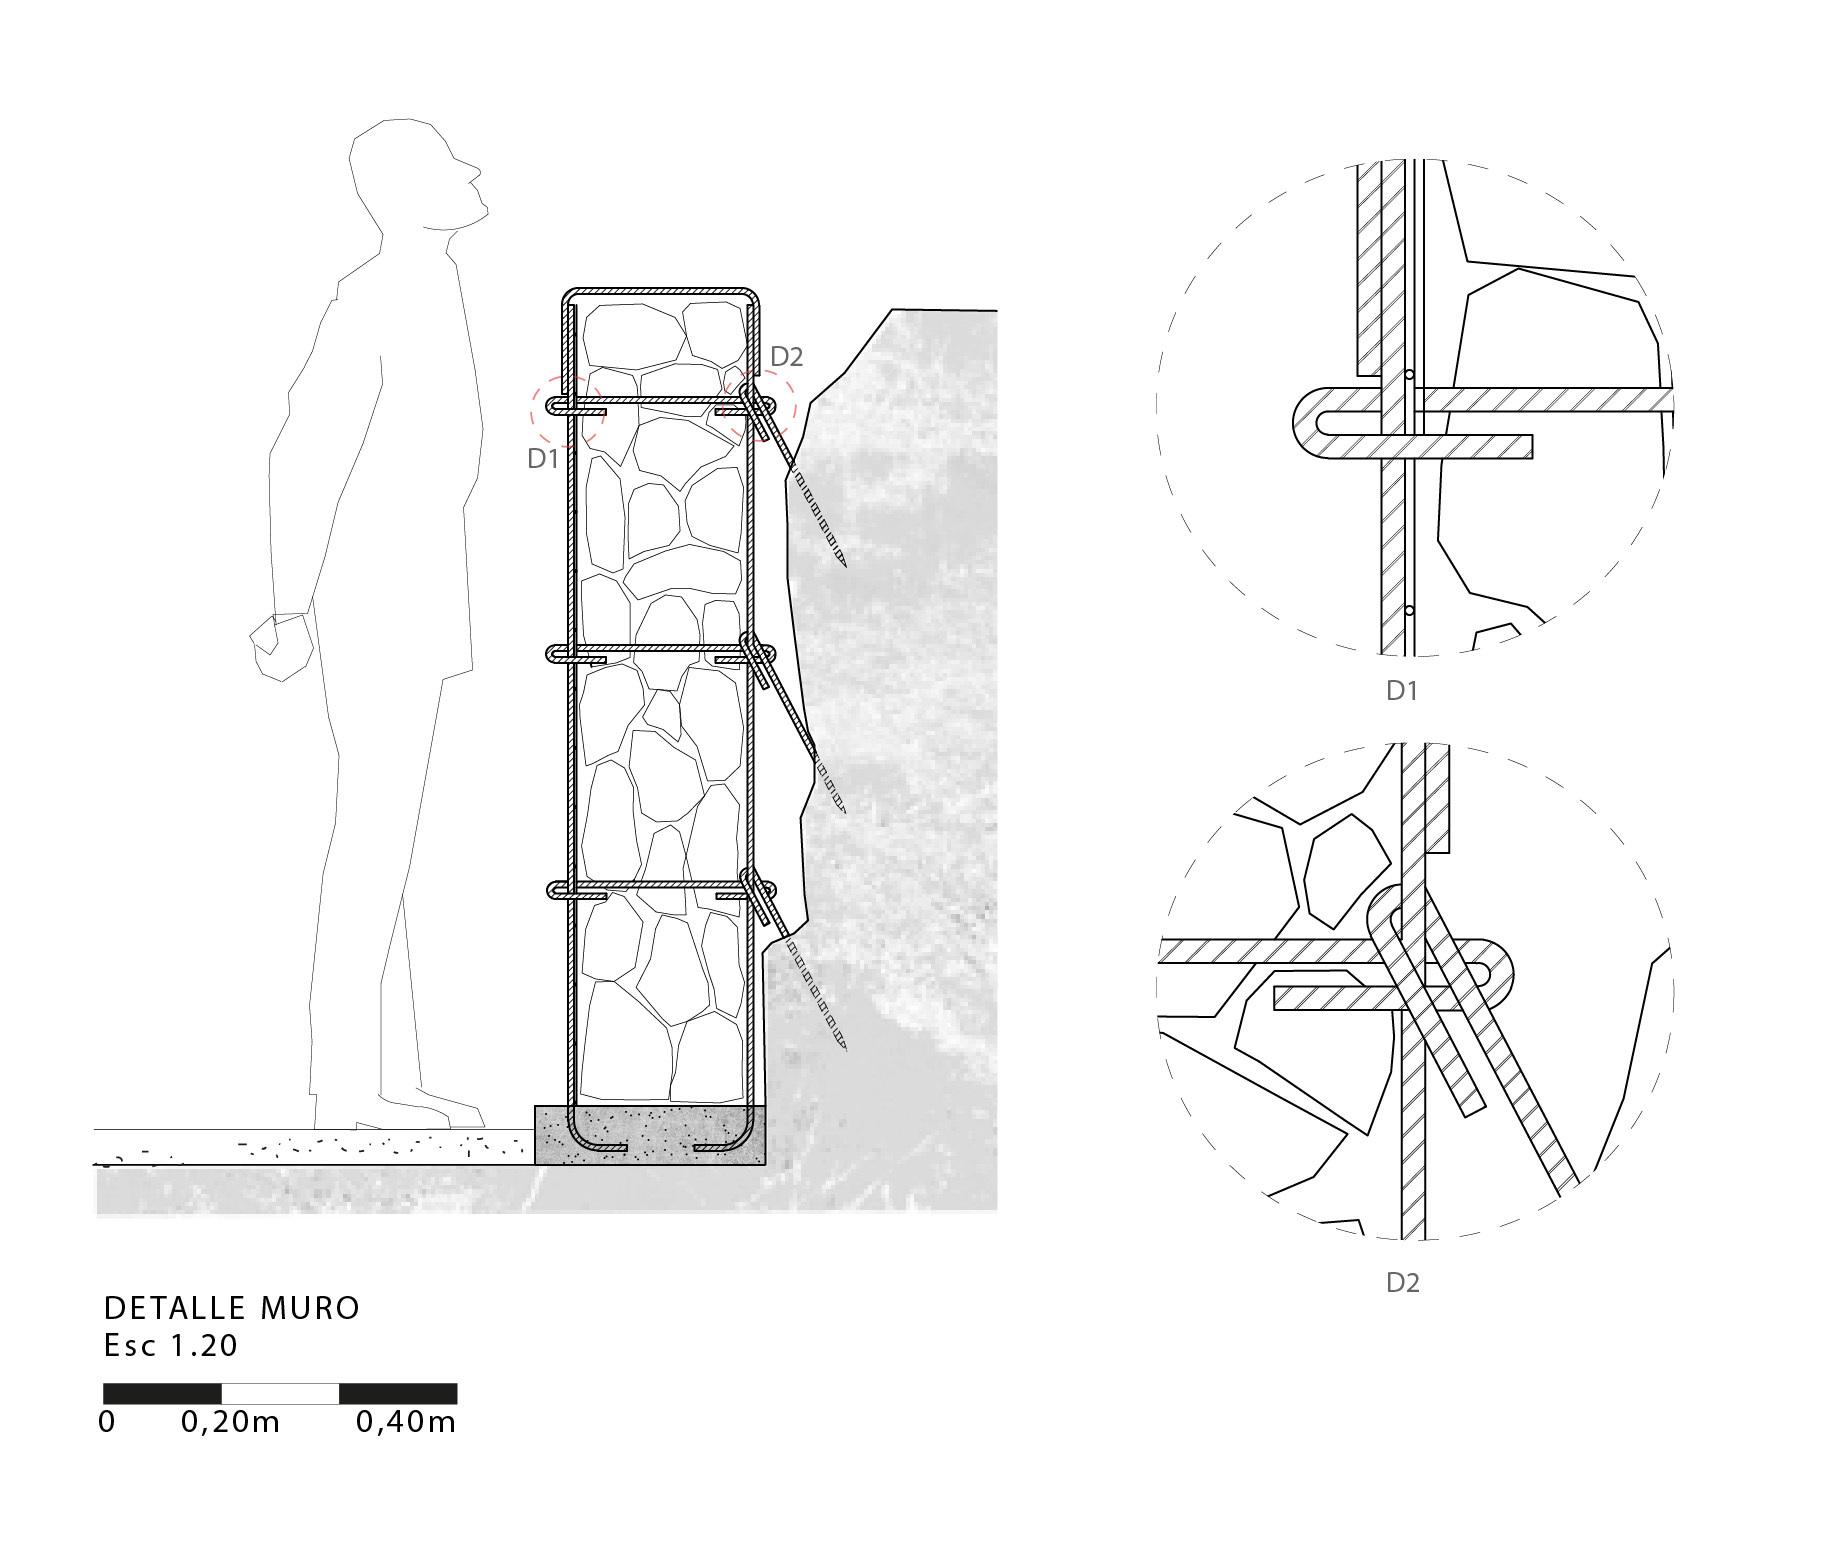 Muros de gavion gaviones decorativos gaviones piedra - Muros de gavion ...